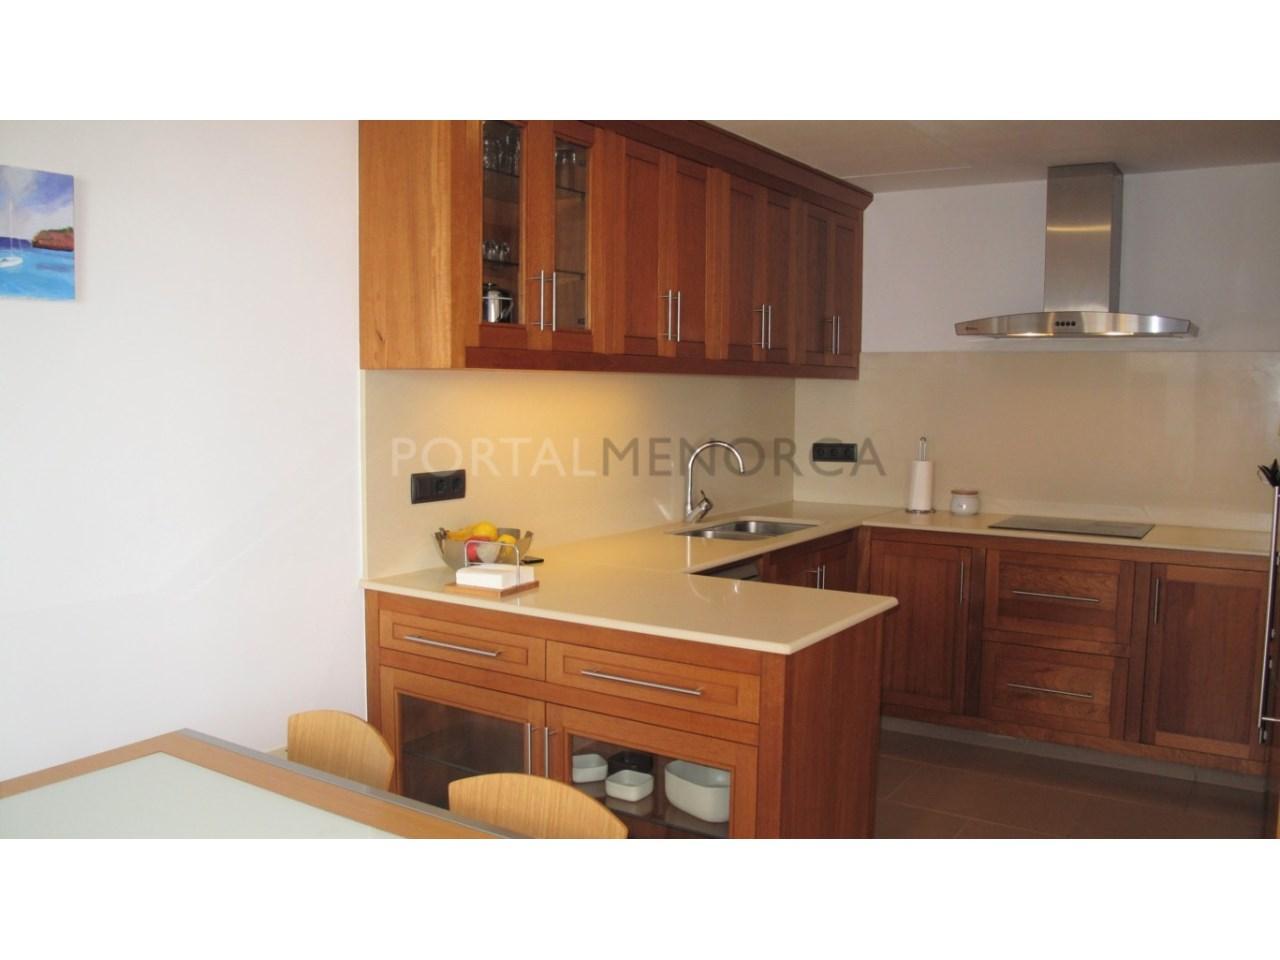 Apartment for sale in Ciutadella de Menorca-Kitchen